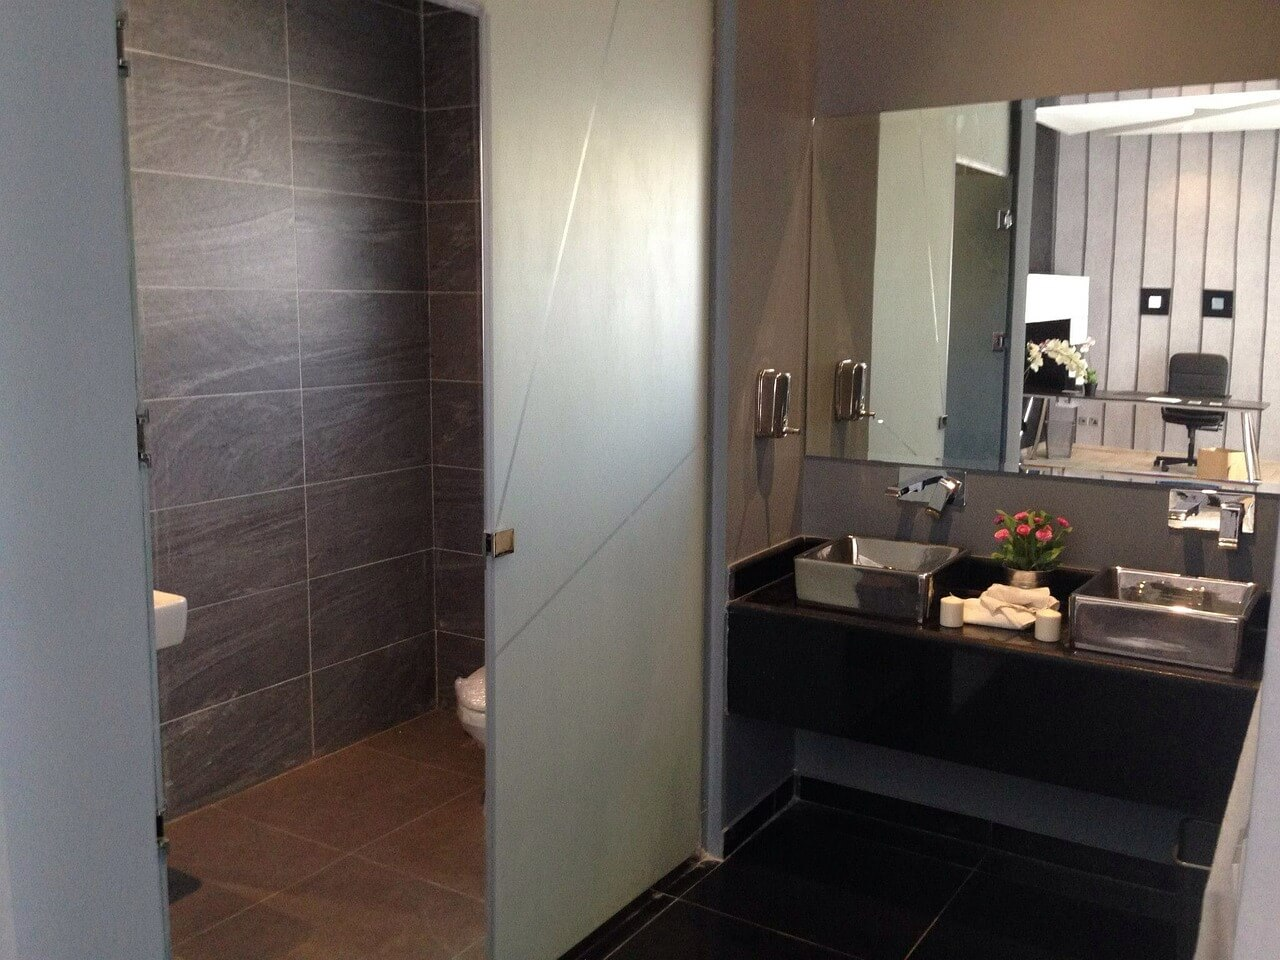 Nie musisz prosić profesjonalisty – zaprojektuj białą łazienkę samodzielnie